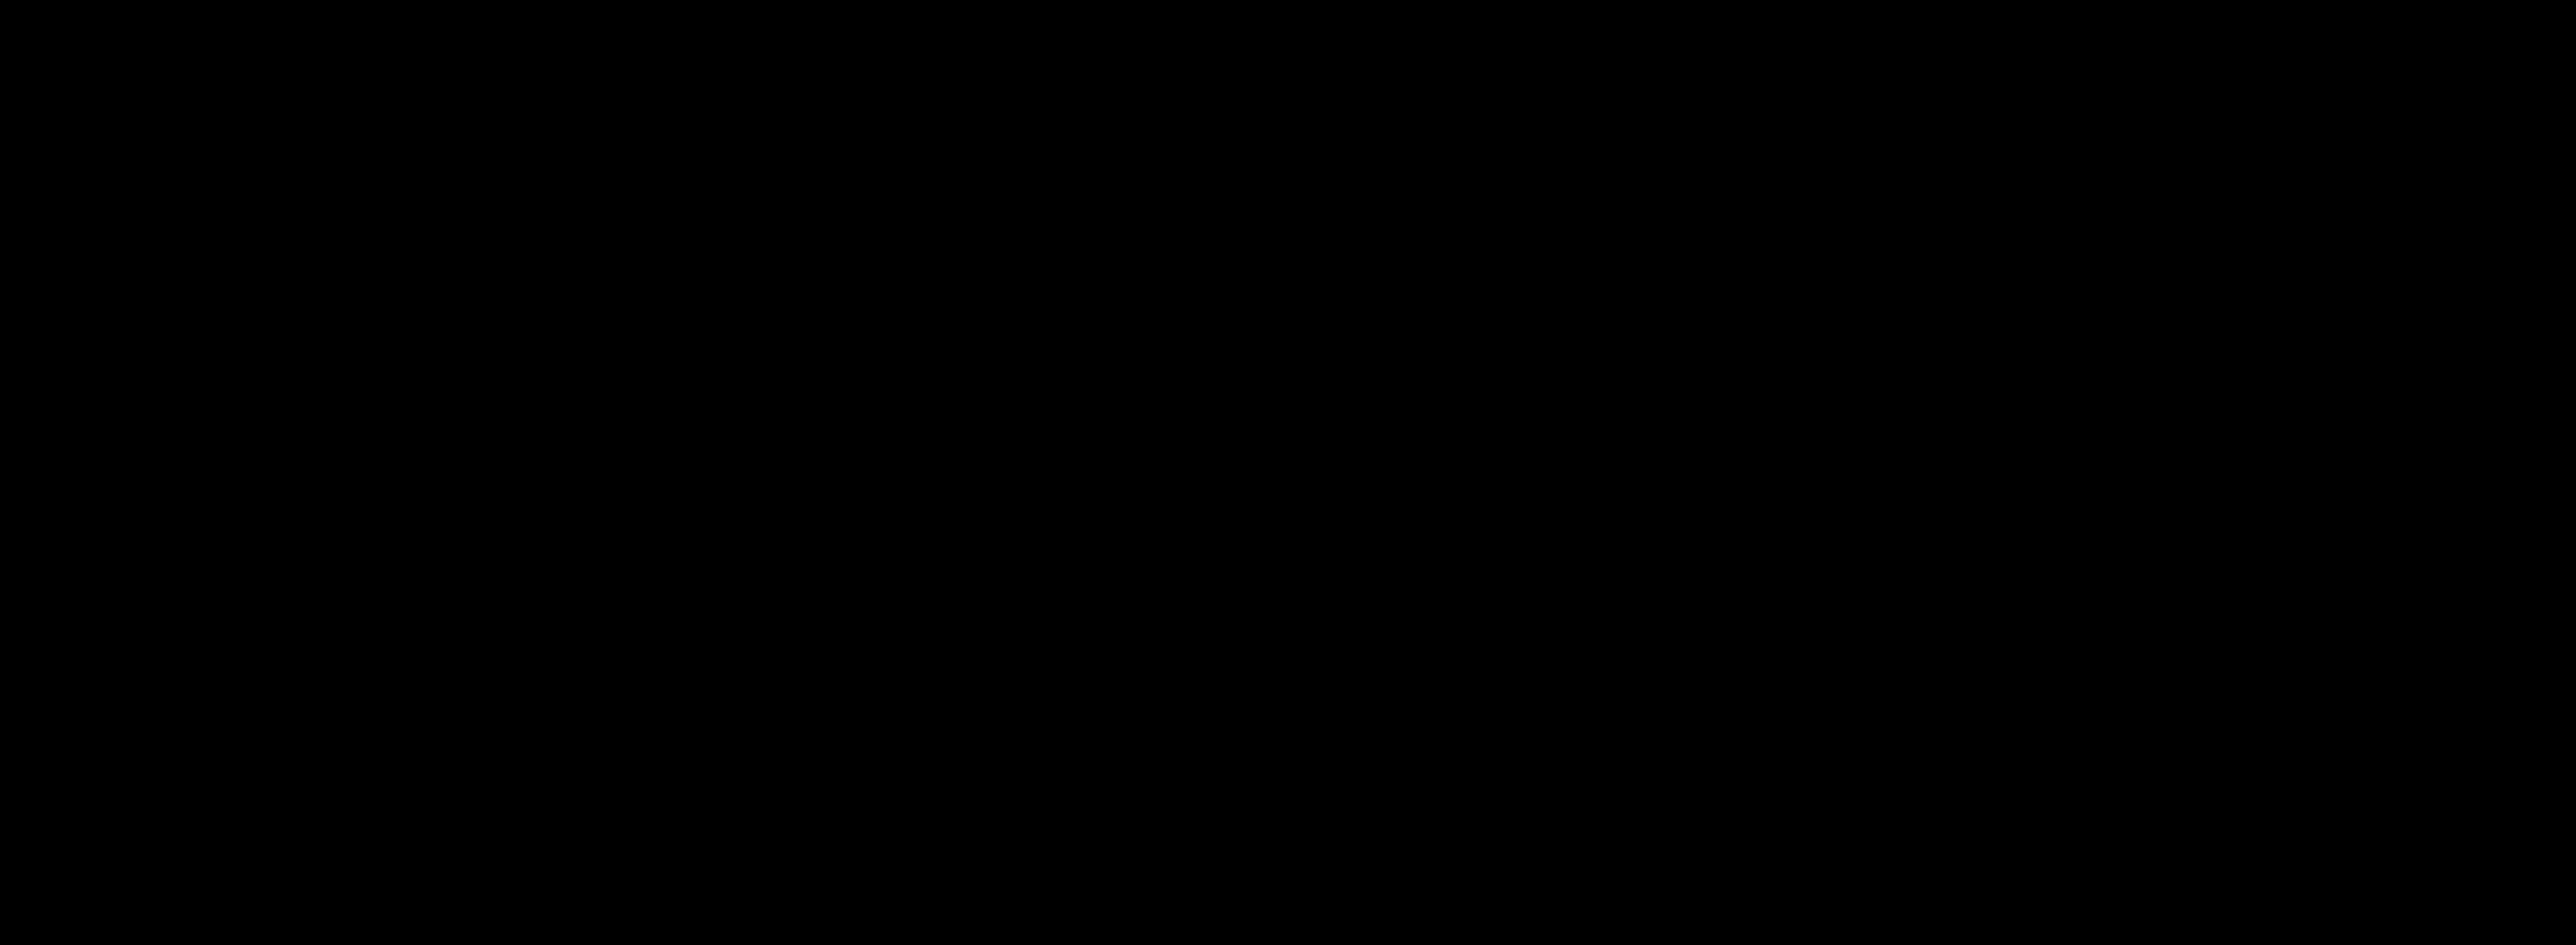 Zentein Nutrition Inc.